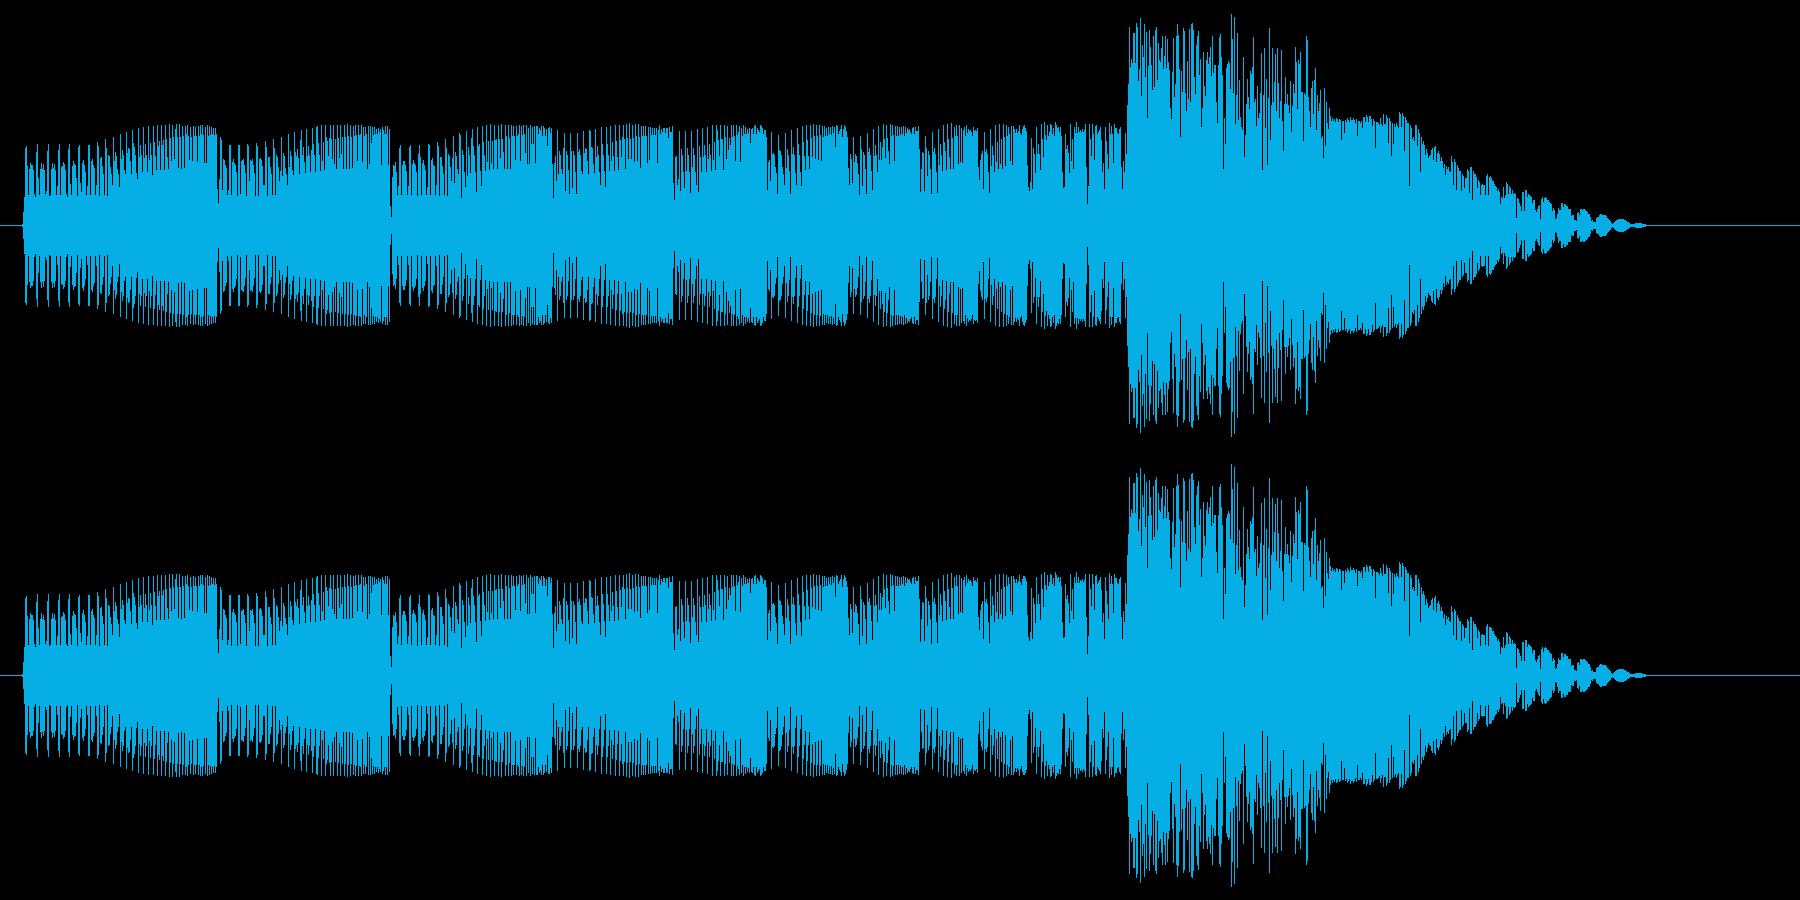 ギュワワン、とテレポーテーションする音…の再生済みの波形